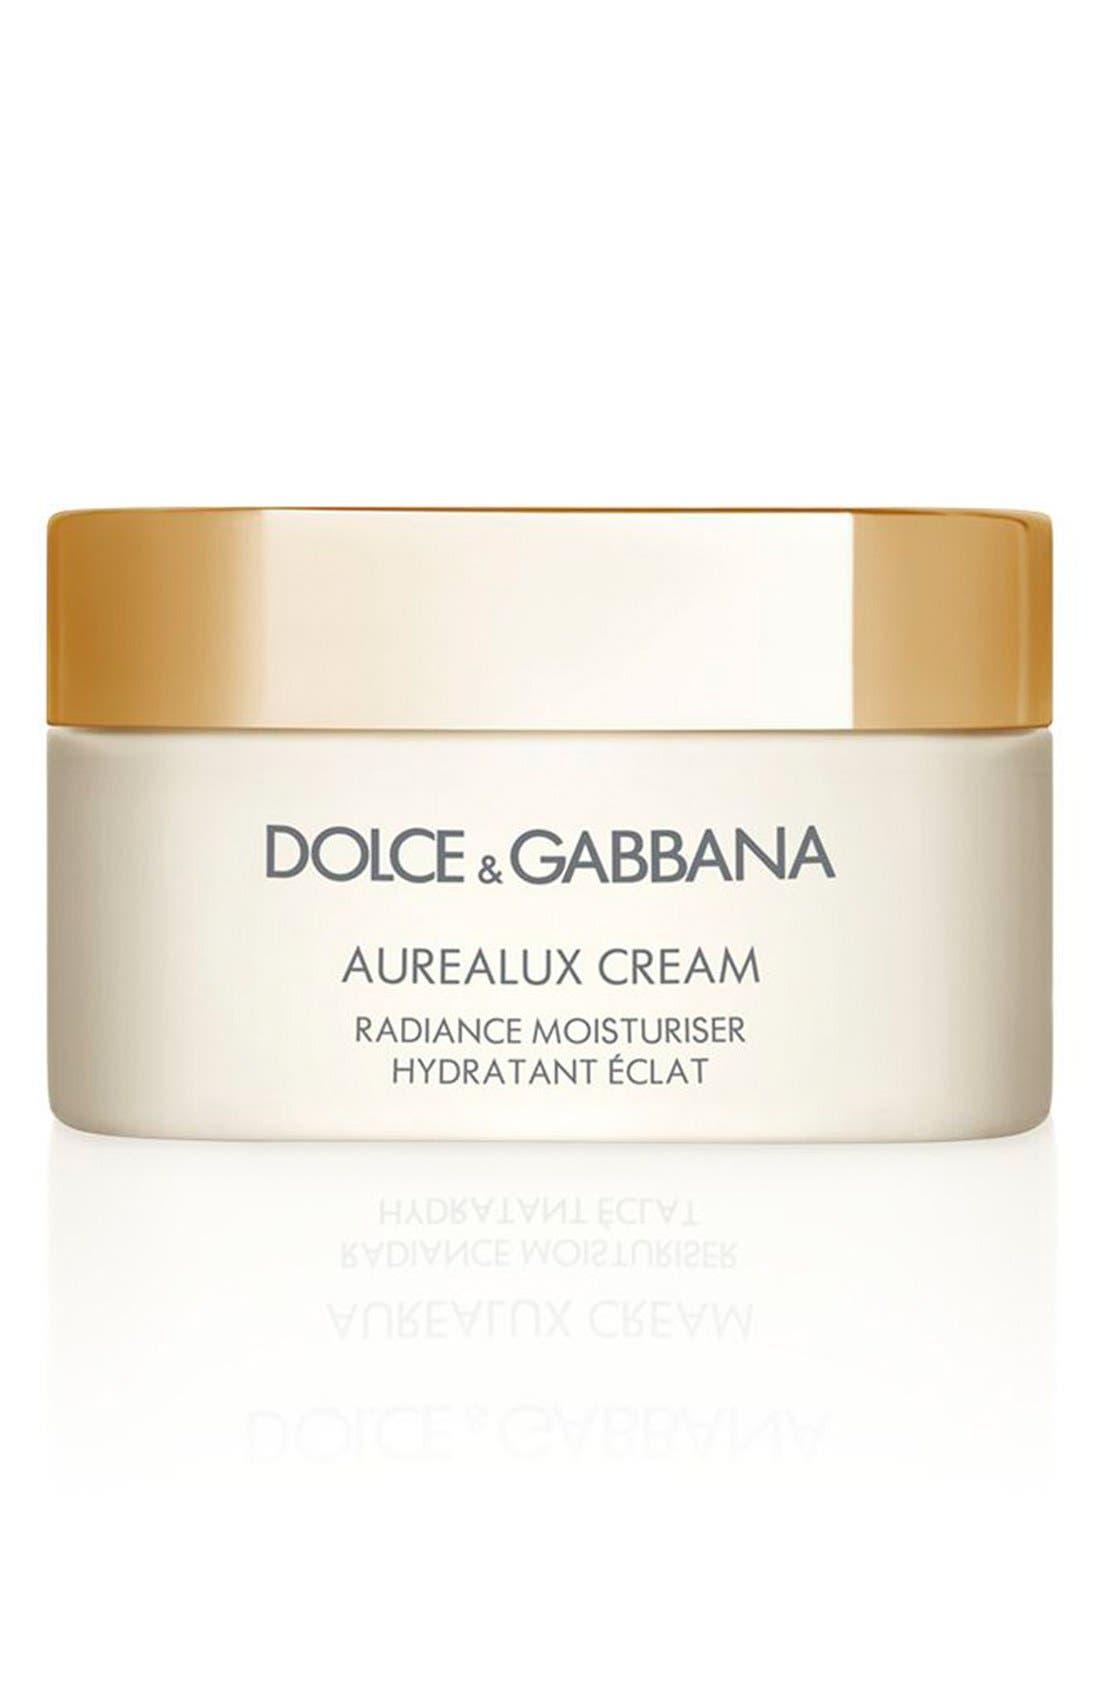 Dolce&GabbanaBeauty 'Aurealux' Cream Radiance Moisturizer